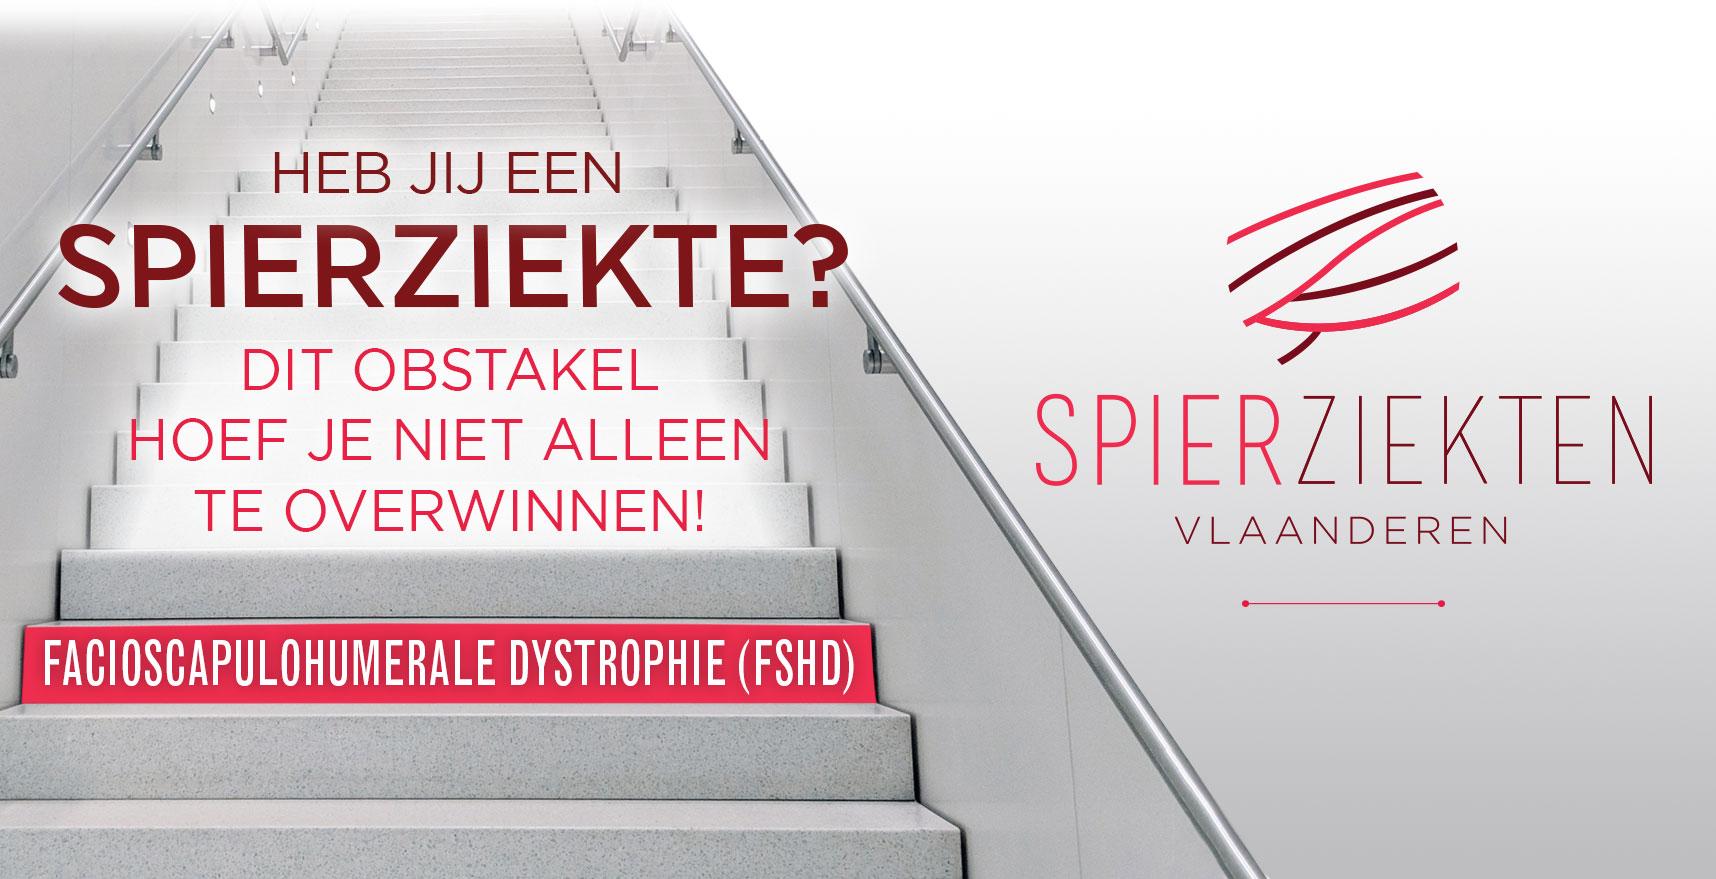 DeWarmsteWeek_NieuwLogoMFL_10cm_SpierziektenVl Facioscapulohumerale dystrofie (FSHD)